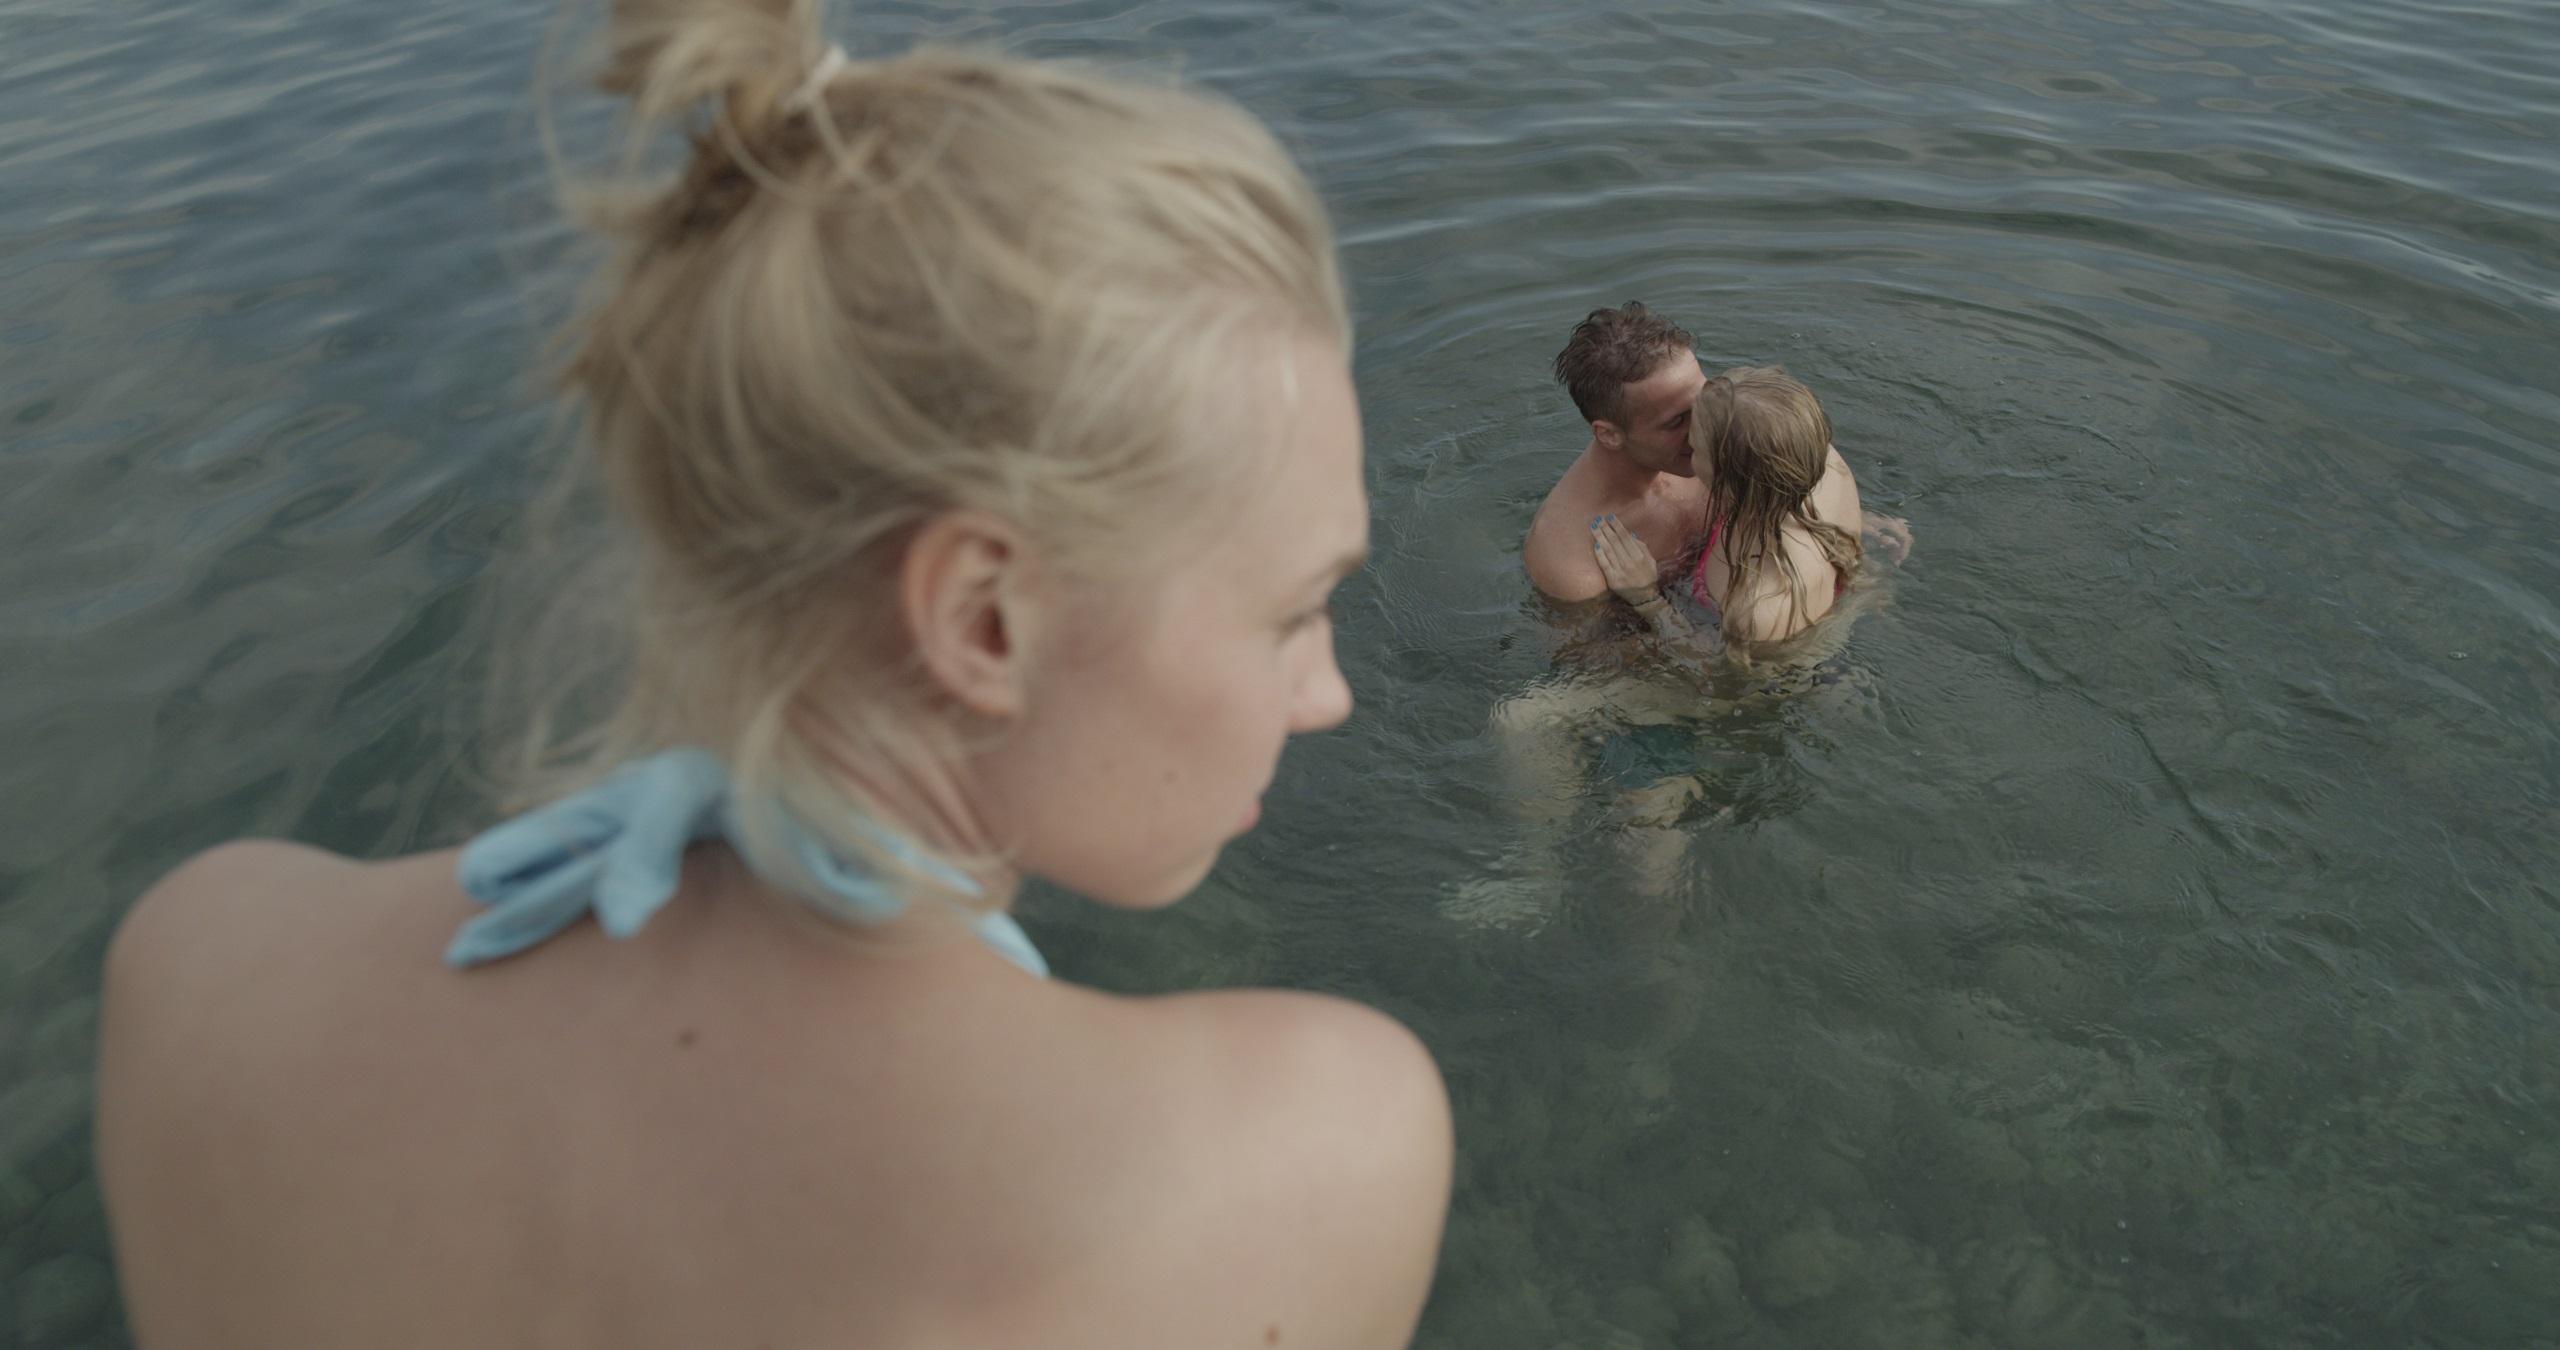 Lezbian 18 erotik film izle - 4 1